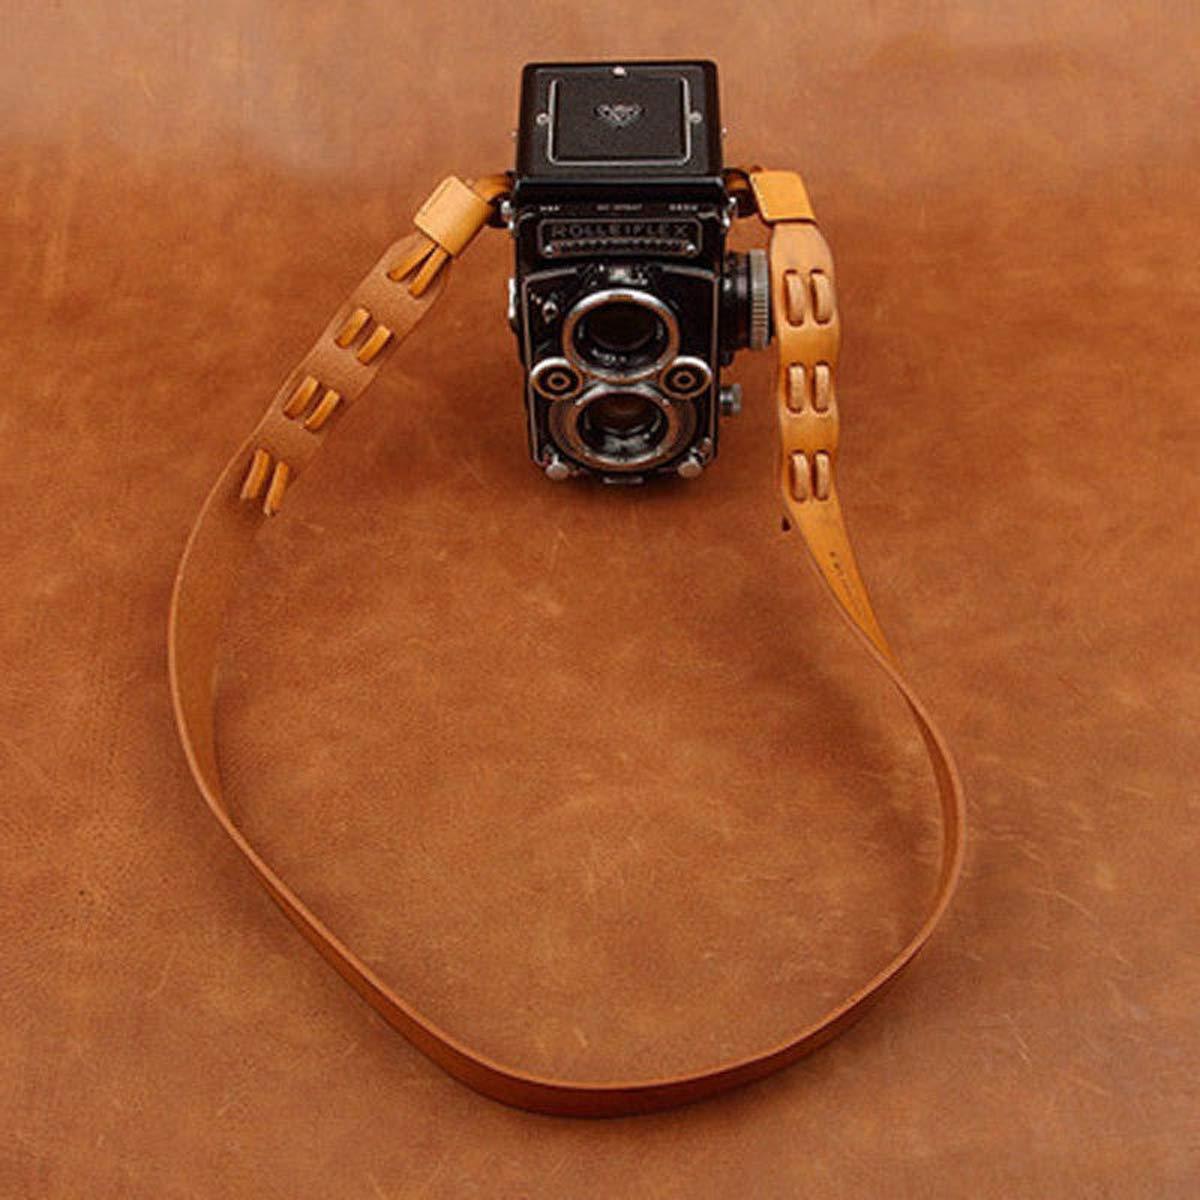 Rollei Rolleiflexカメラ用カムインアジャスタブル本革ショルダー/ネックストラップ - ブラウンカラー B07NTKHPLC